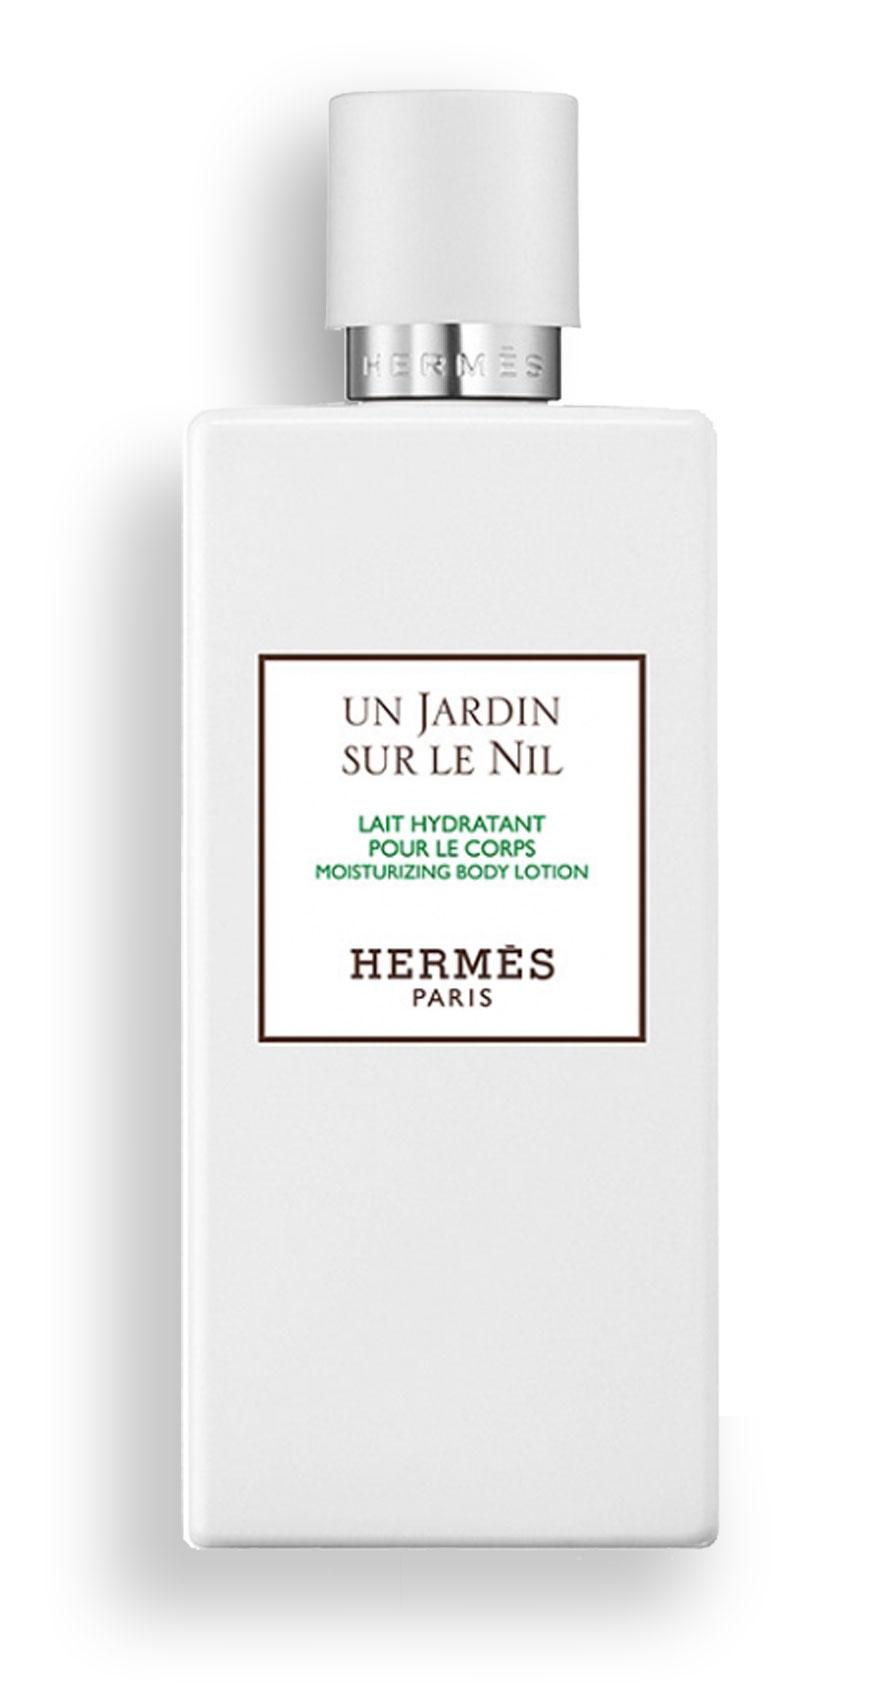 Hermès - Un Jardin sur le Nil - Lait hydratant pour le corps 200 ml.